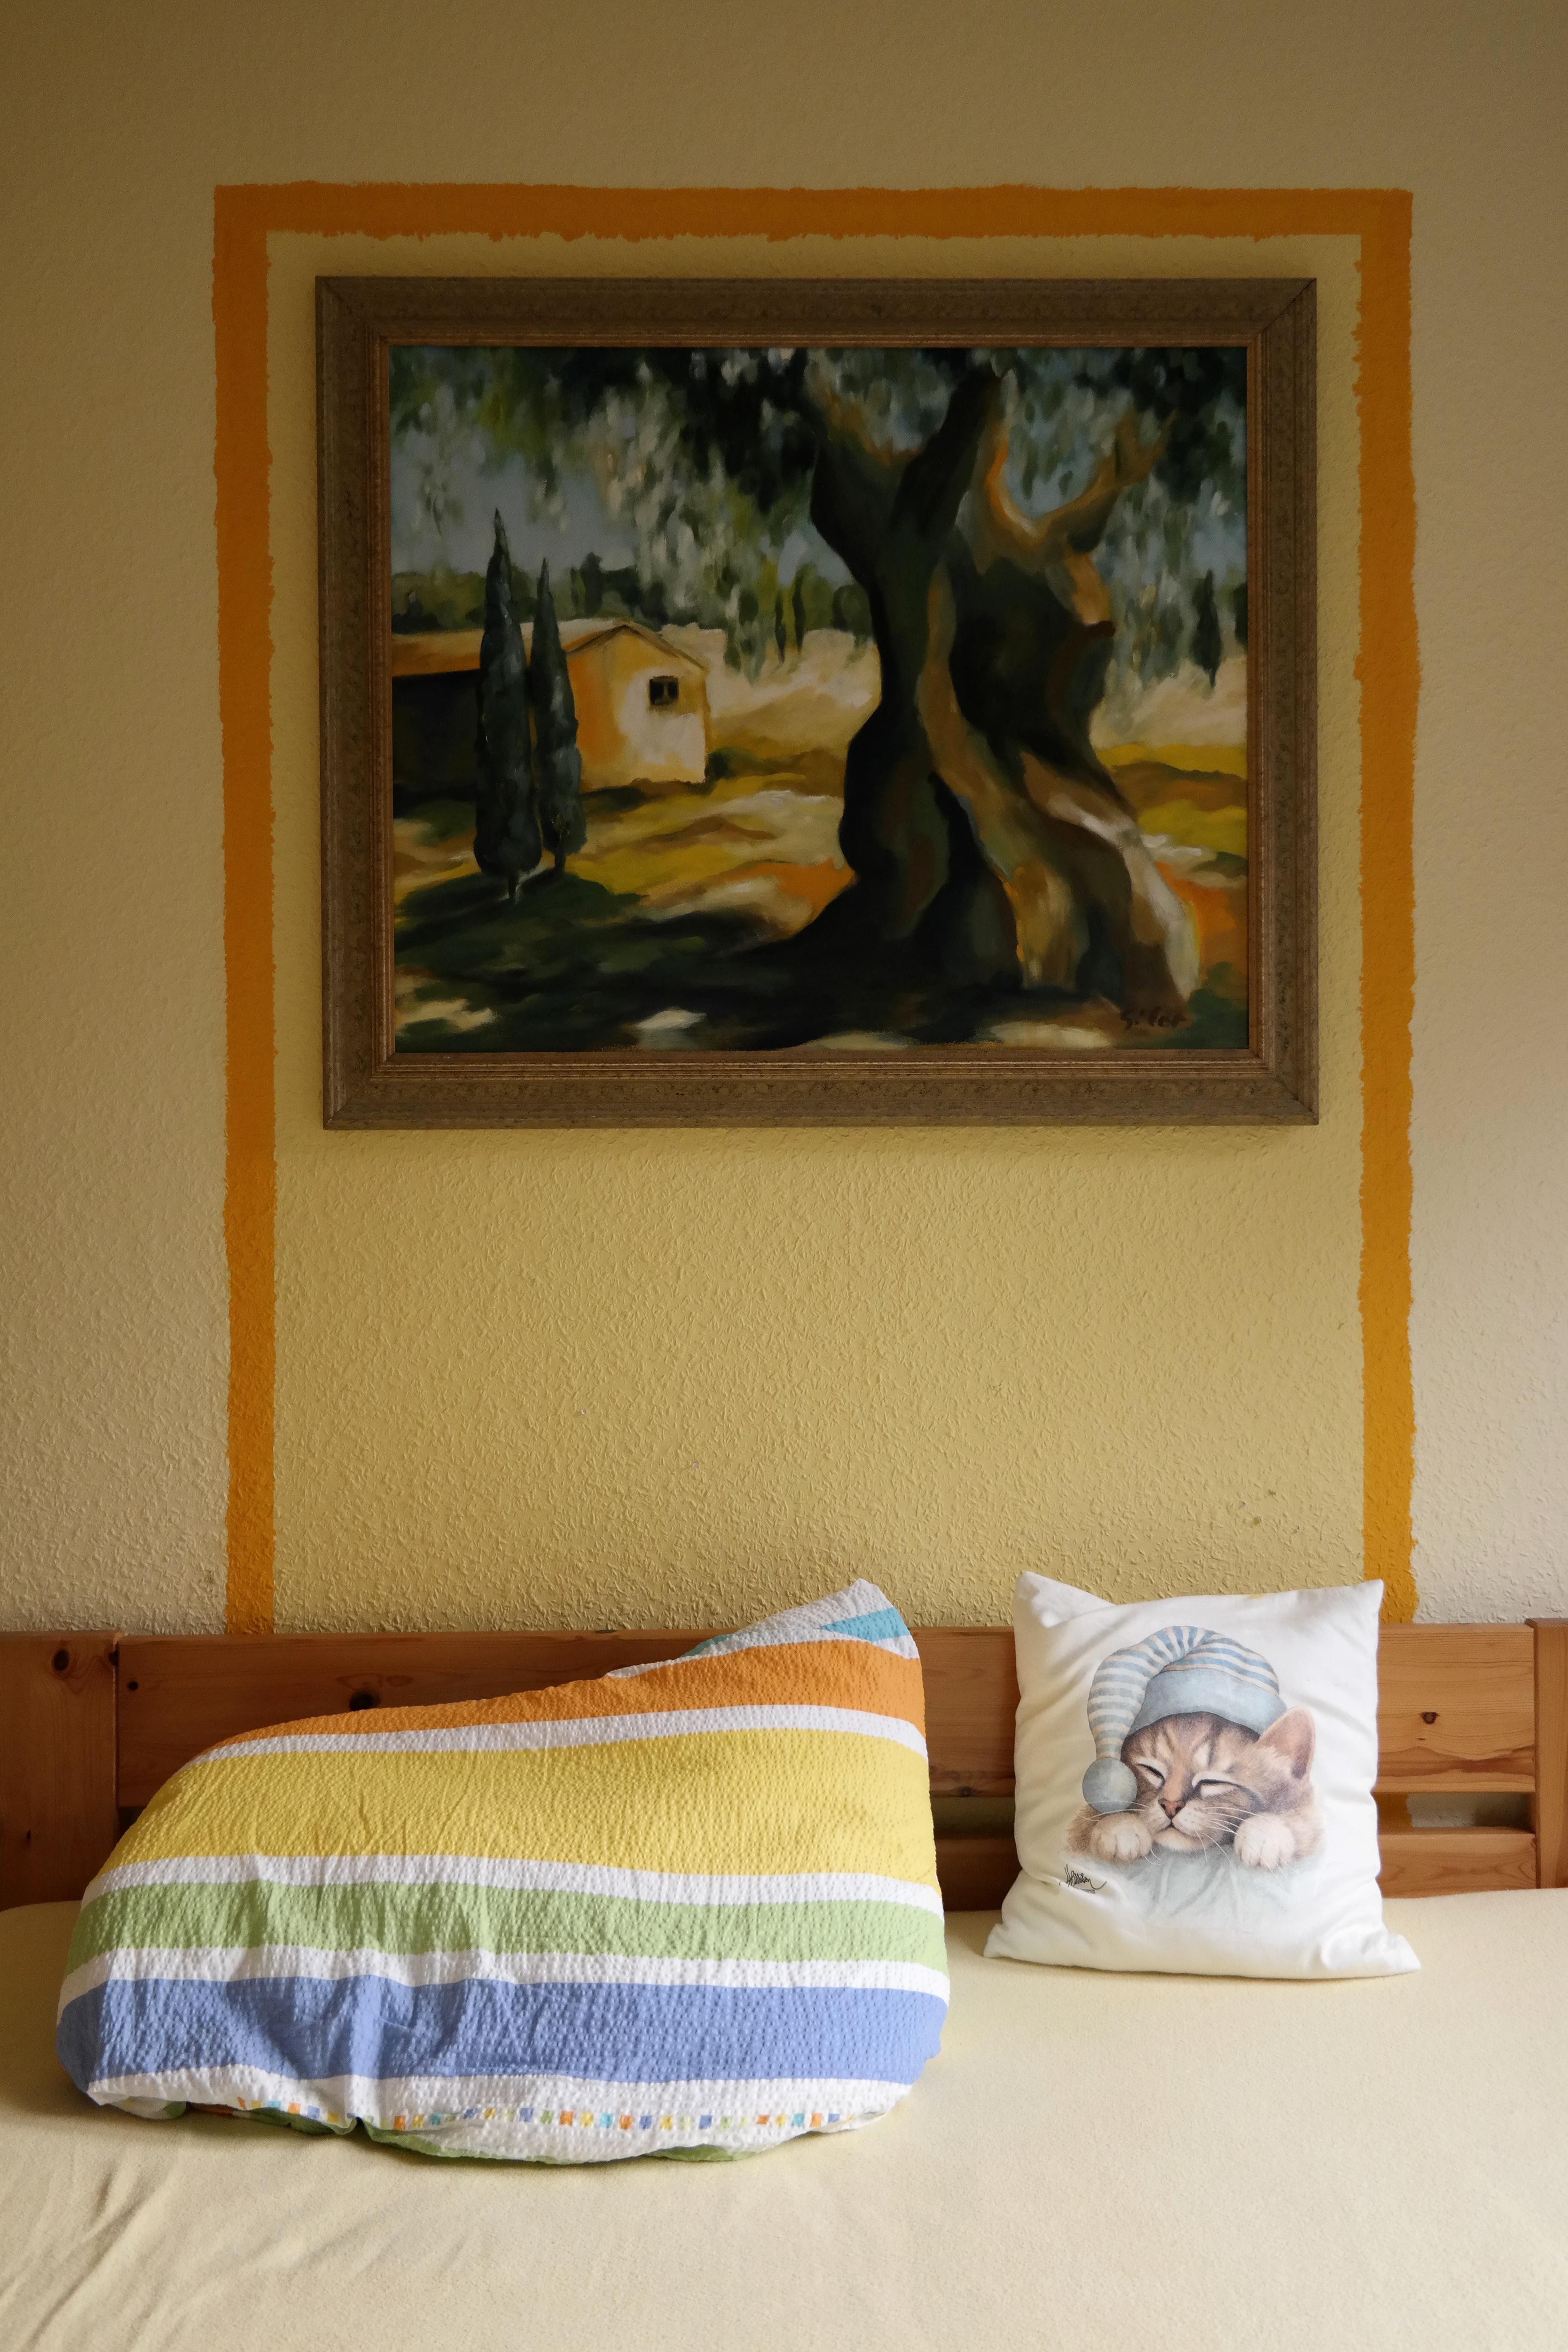 Schön Kostenlose Foto : Holz, Mauer, Entspannen Sie Sich, Gemütlich, Wohnzimmer,  Sich Ausruhen, Möbel, Zimmer, Kissen, Schlafzimmer, Malerei,  Innenarchitektur, ...